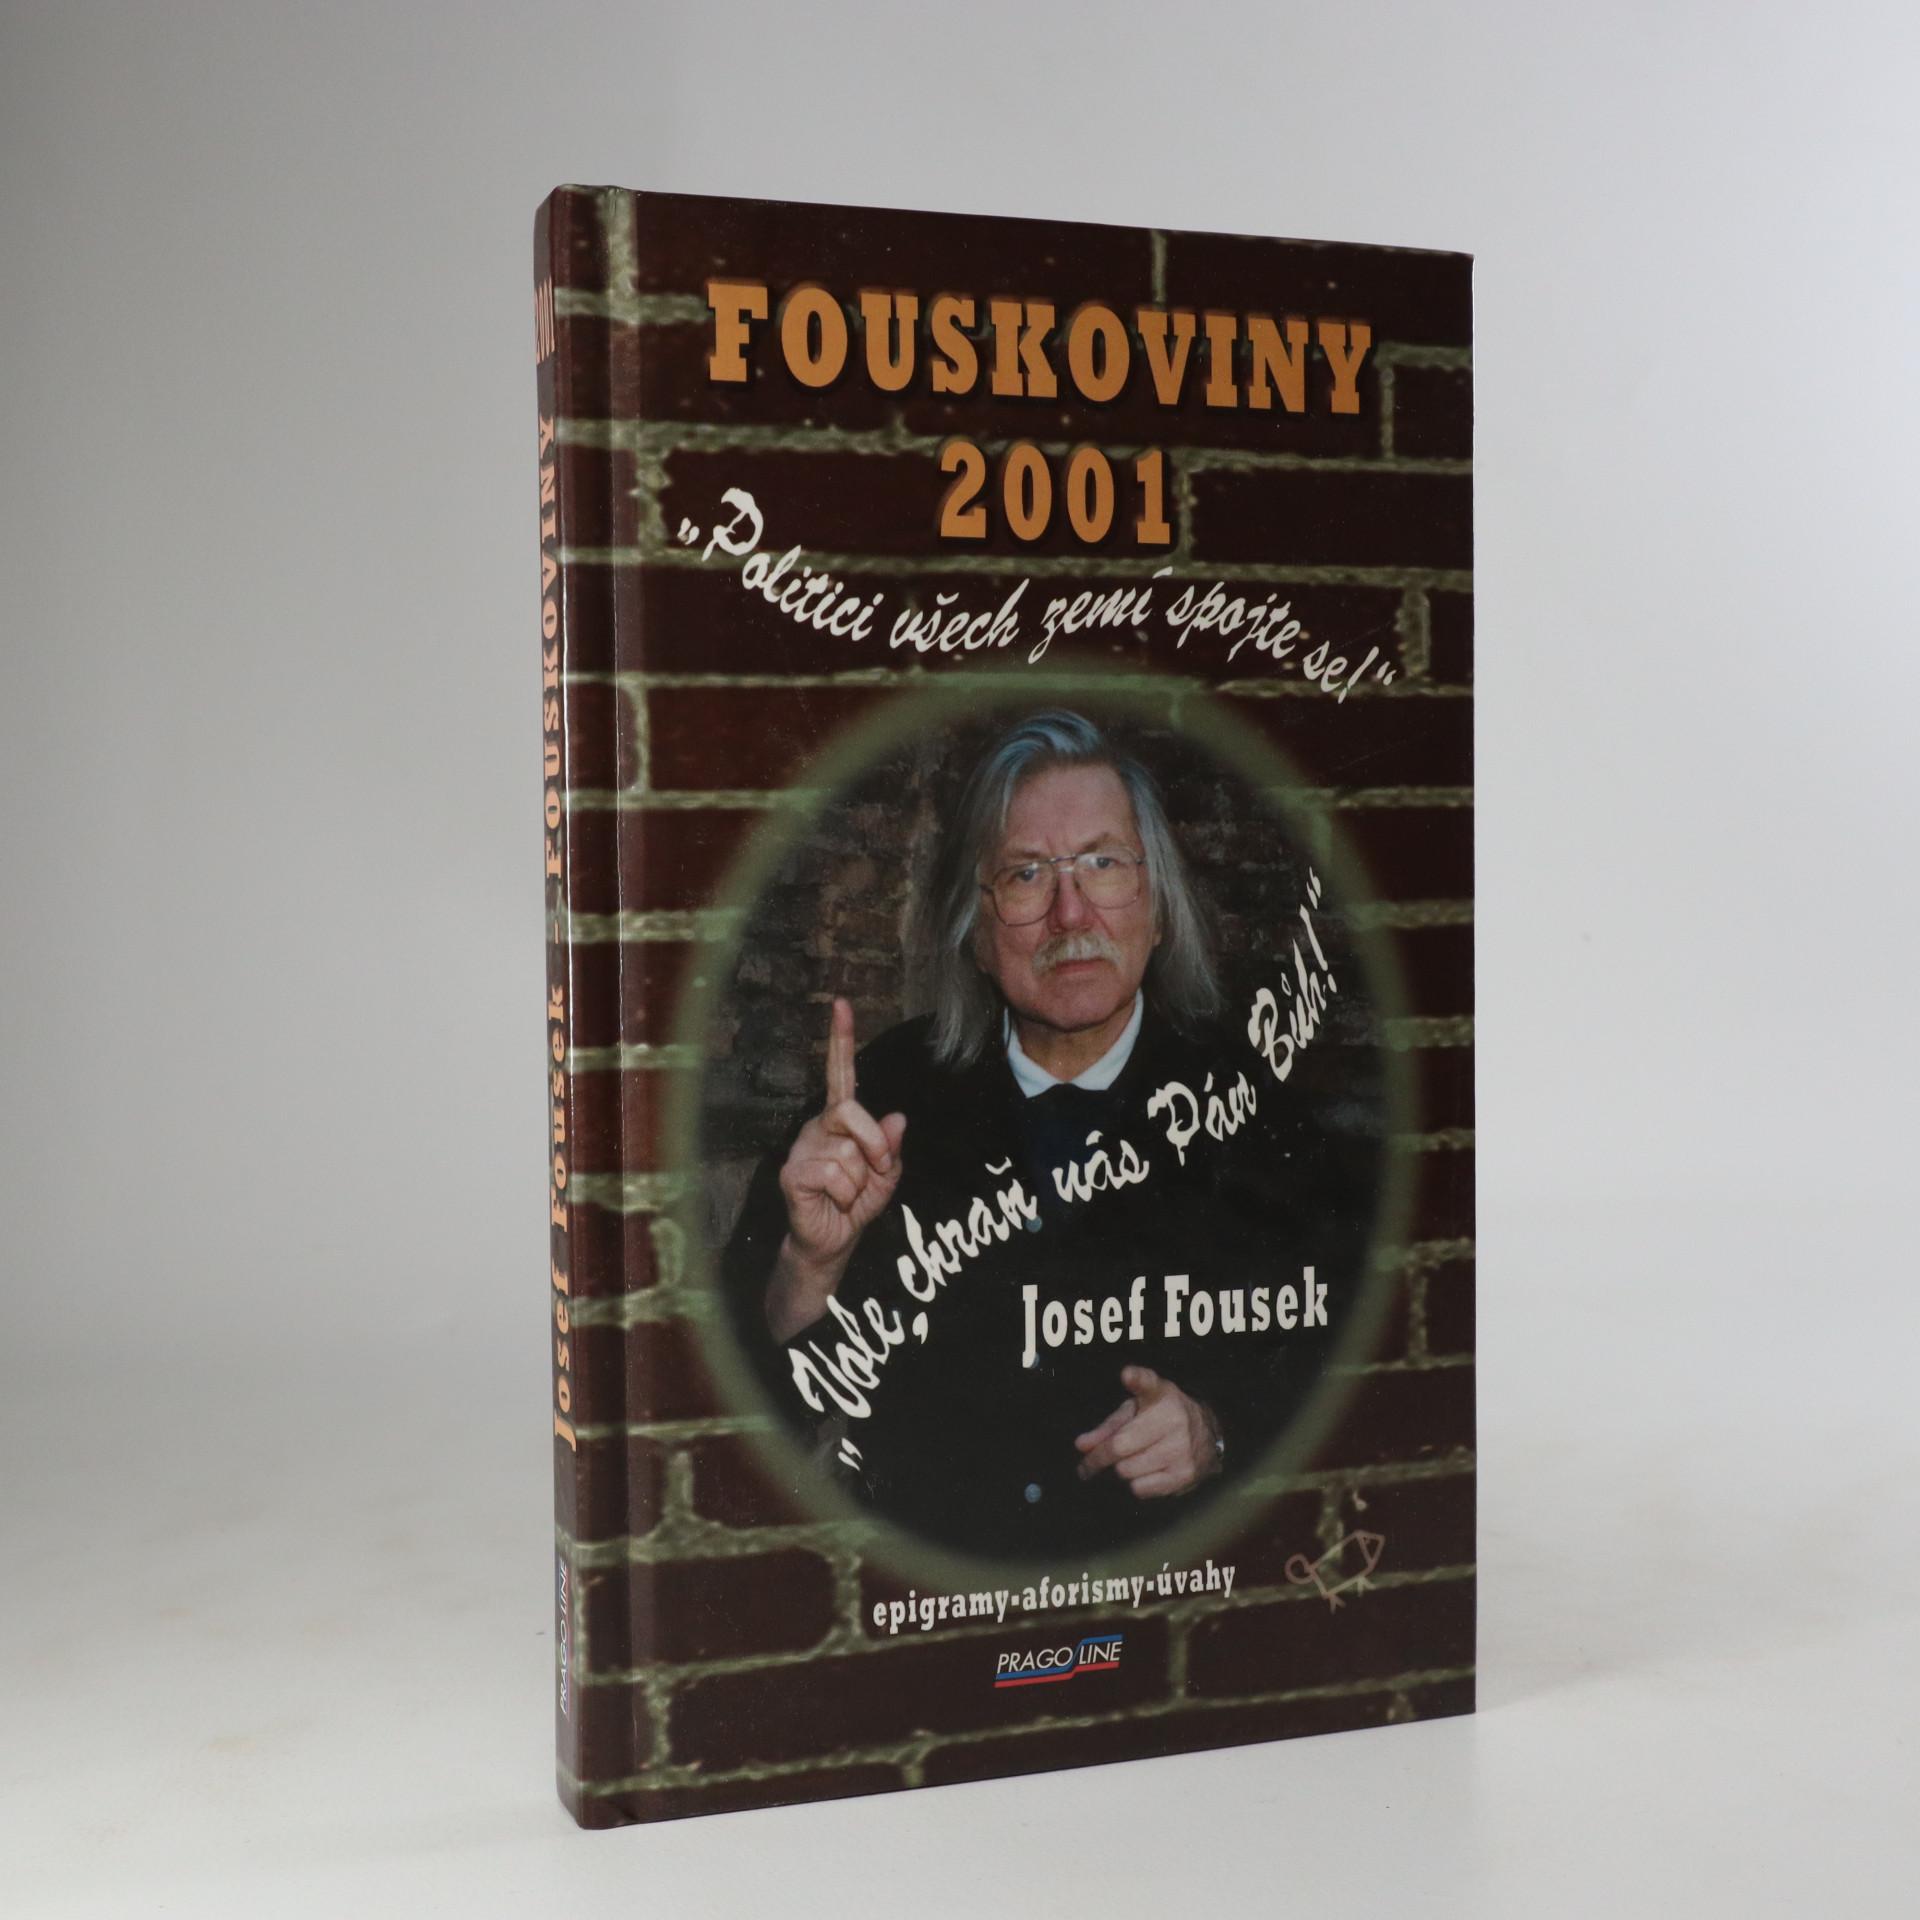 antikvární kniha Fouskoviny 2001. Epigramy, aforismy, úvahy, 2001